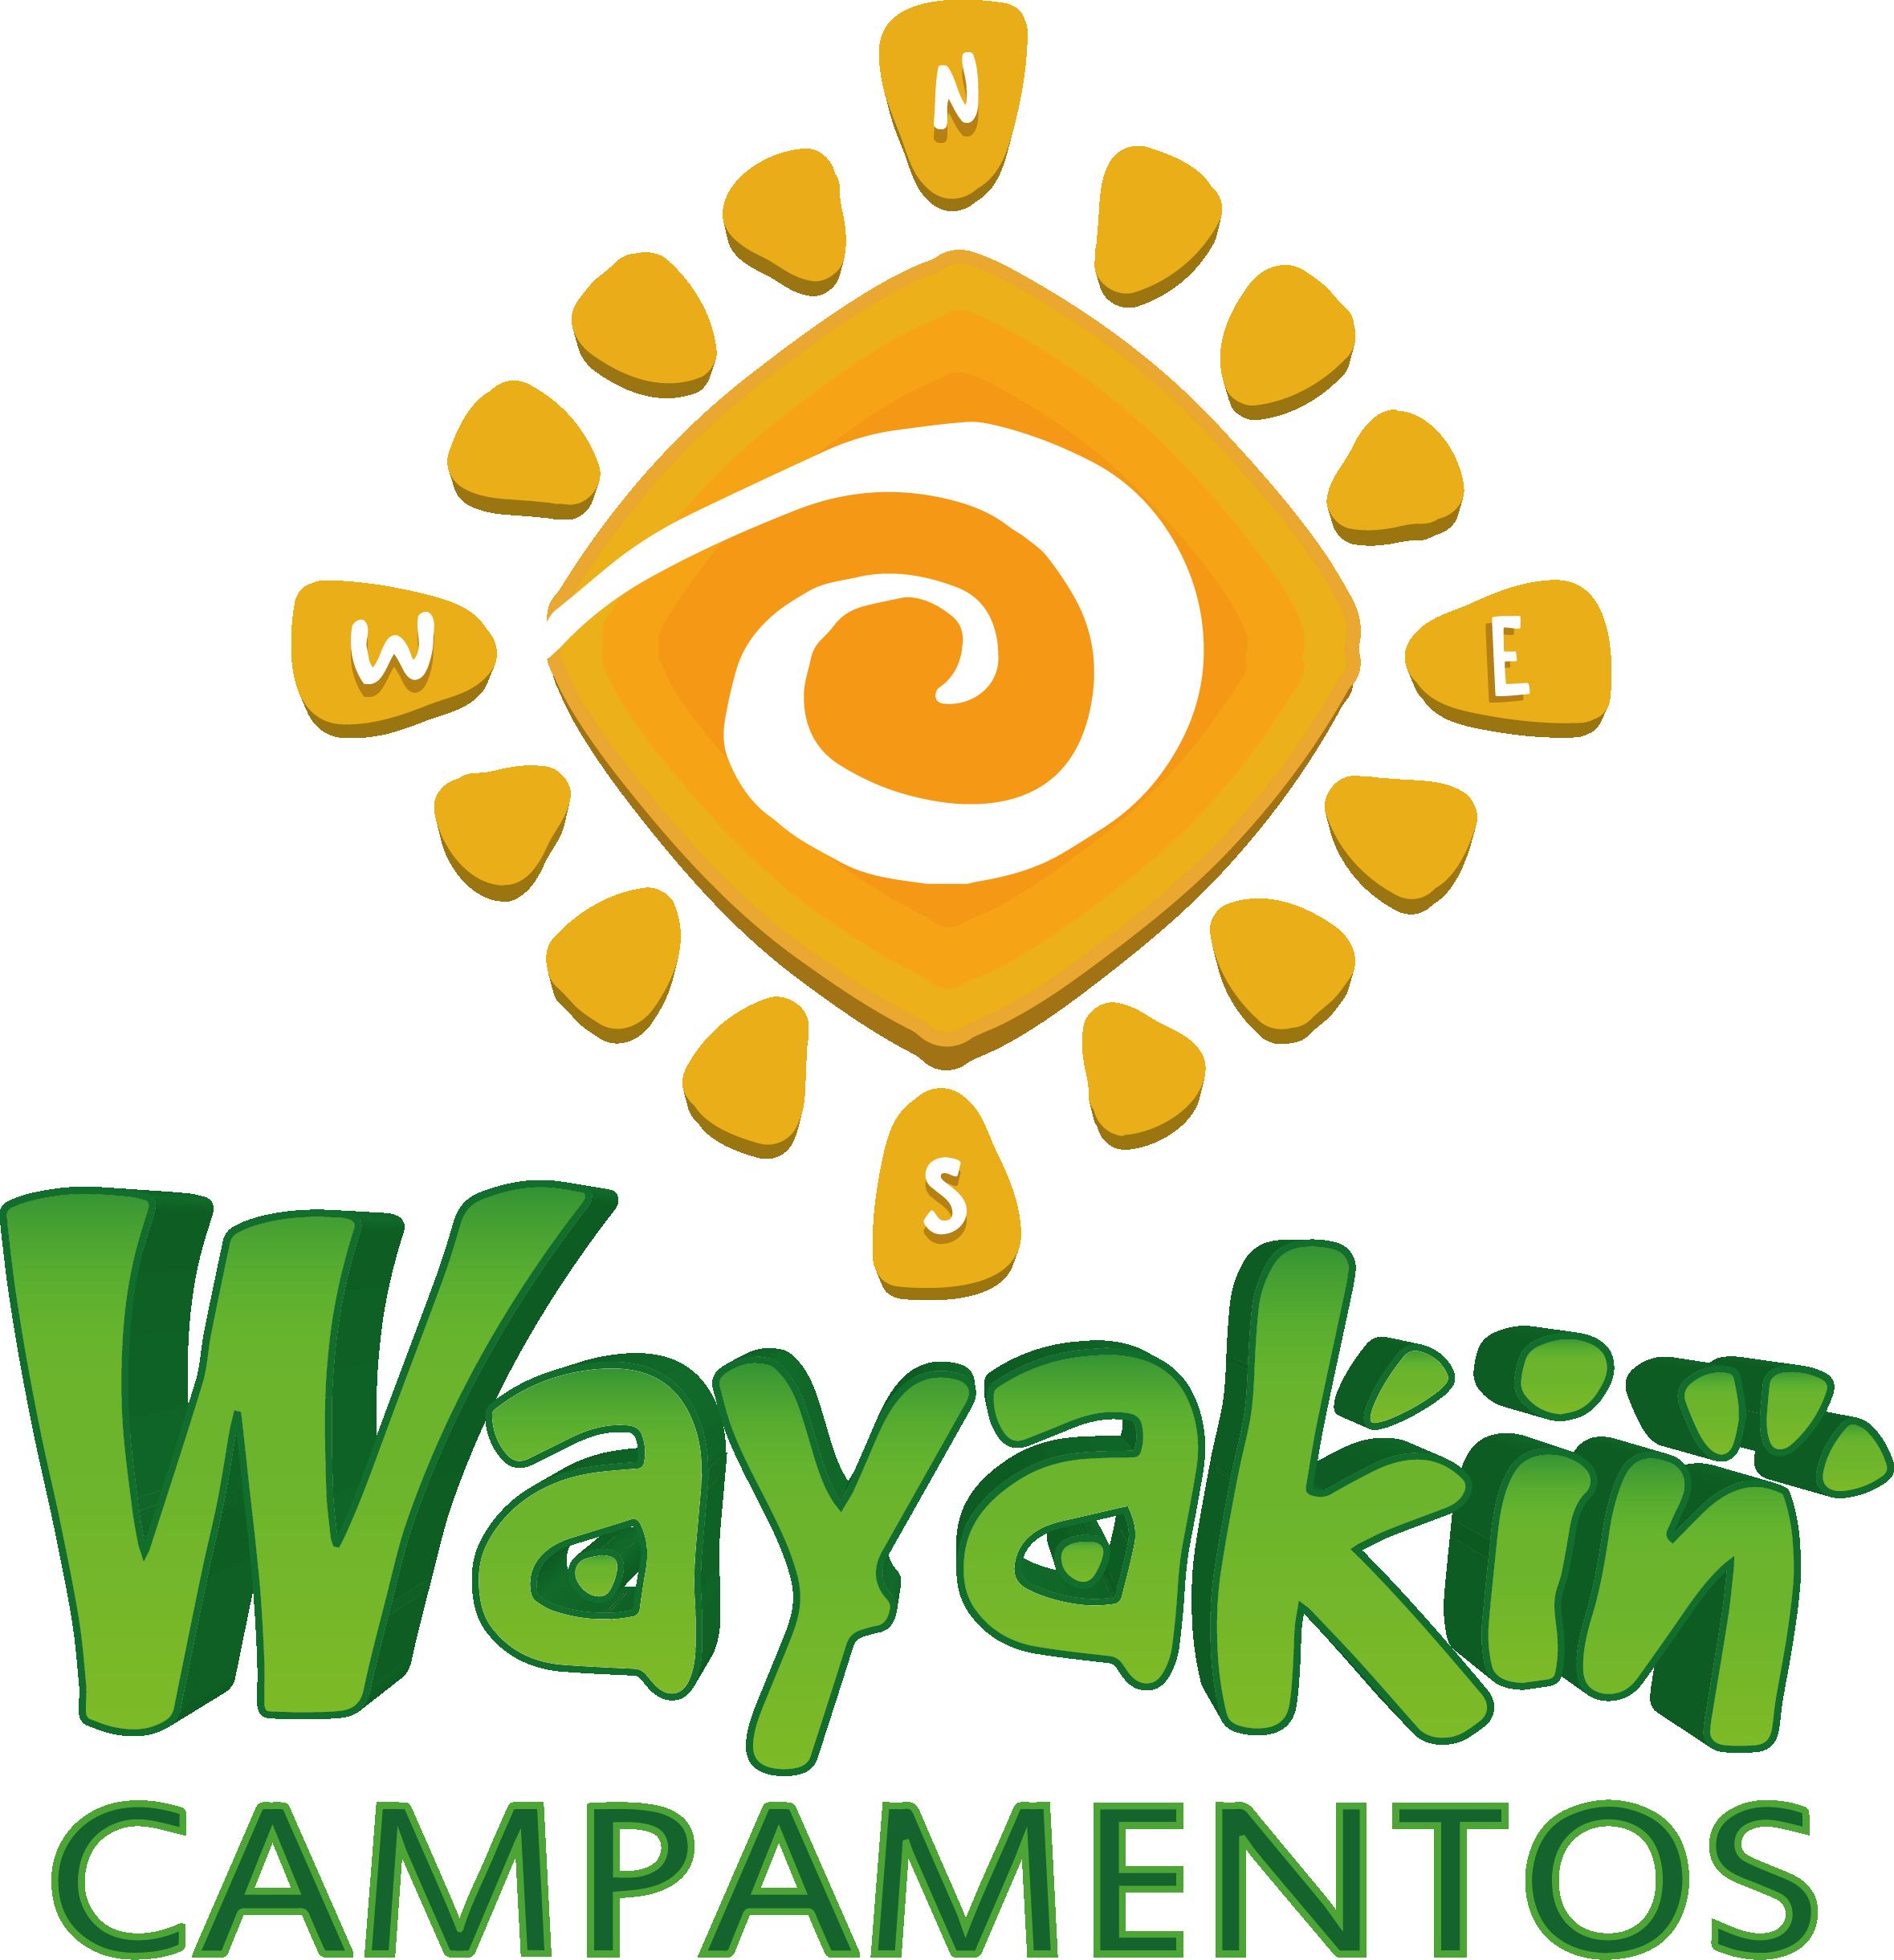 Wayakin Campamentos